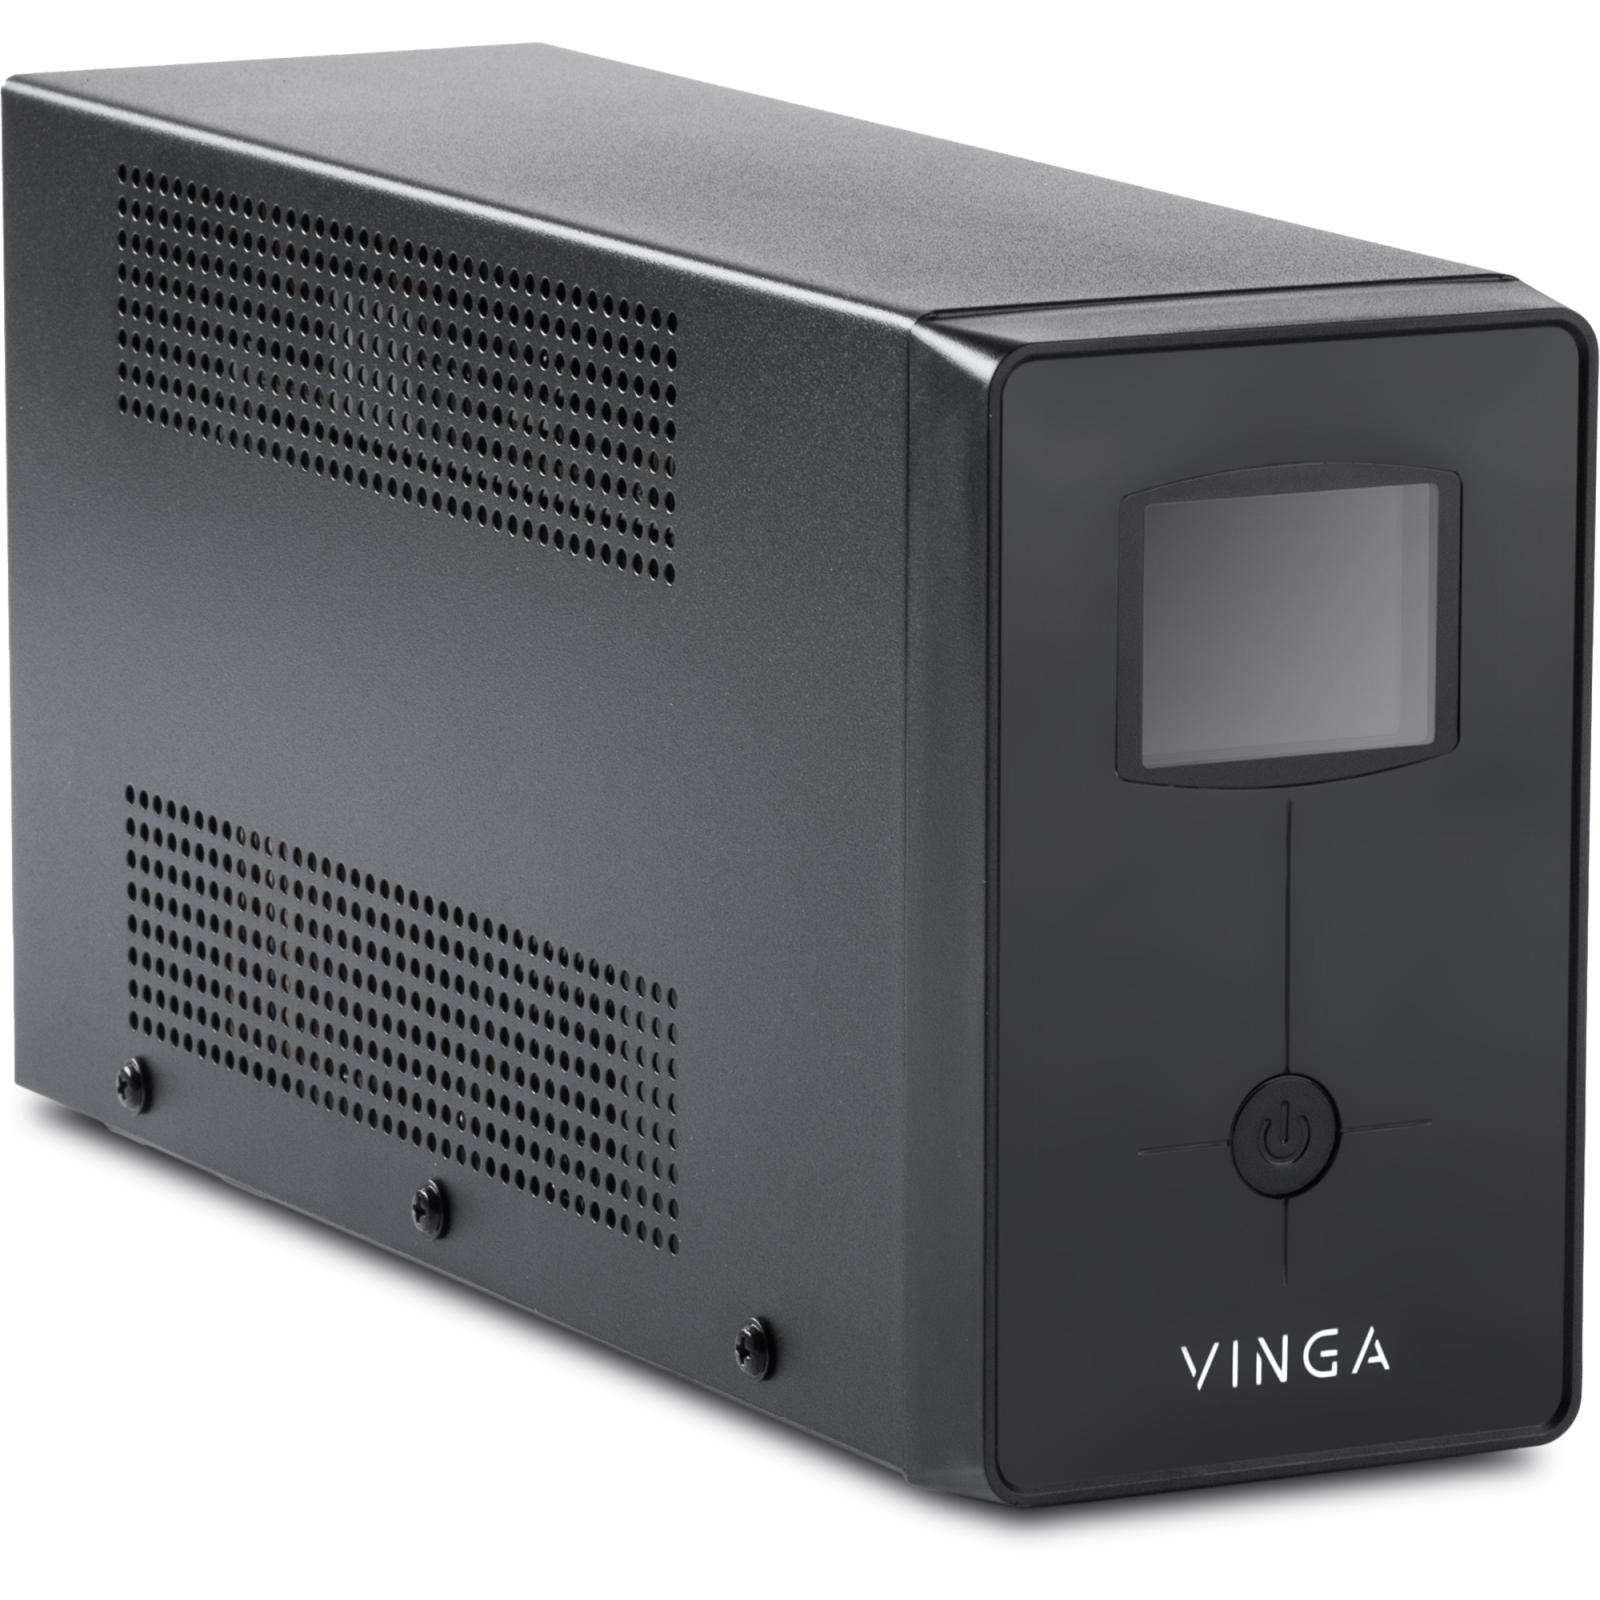 Источник бесперебойного питания Vinga LCD 2000VA metall case (VPC-2000M) изображение 7